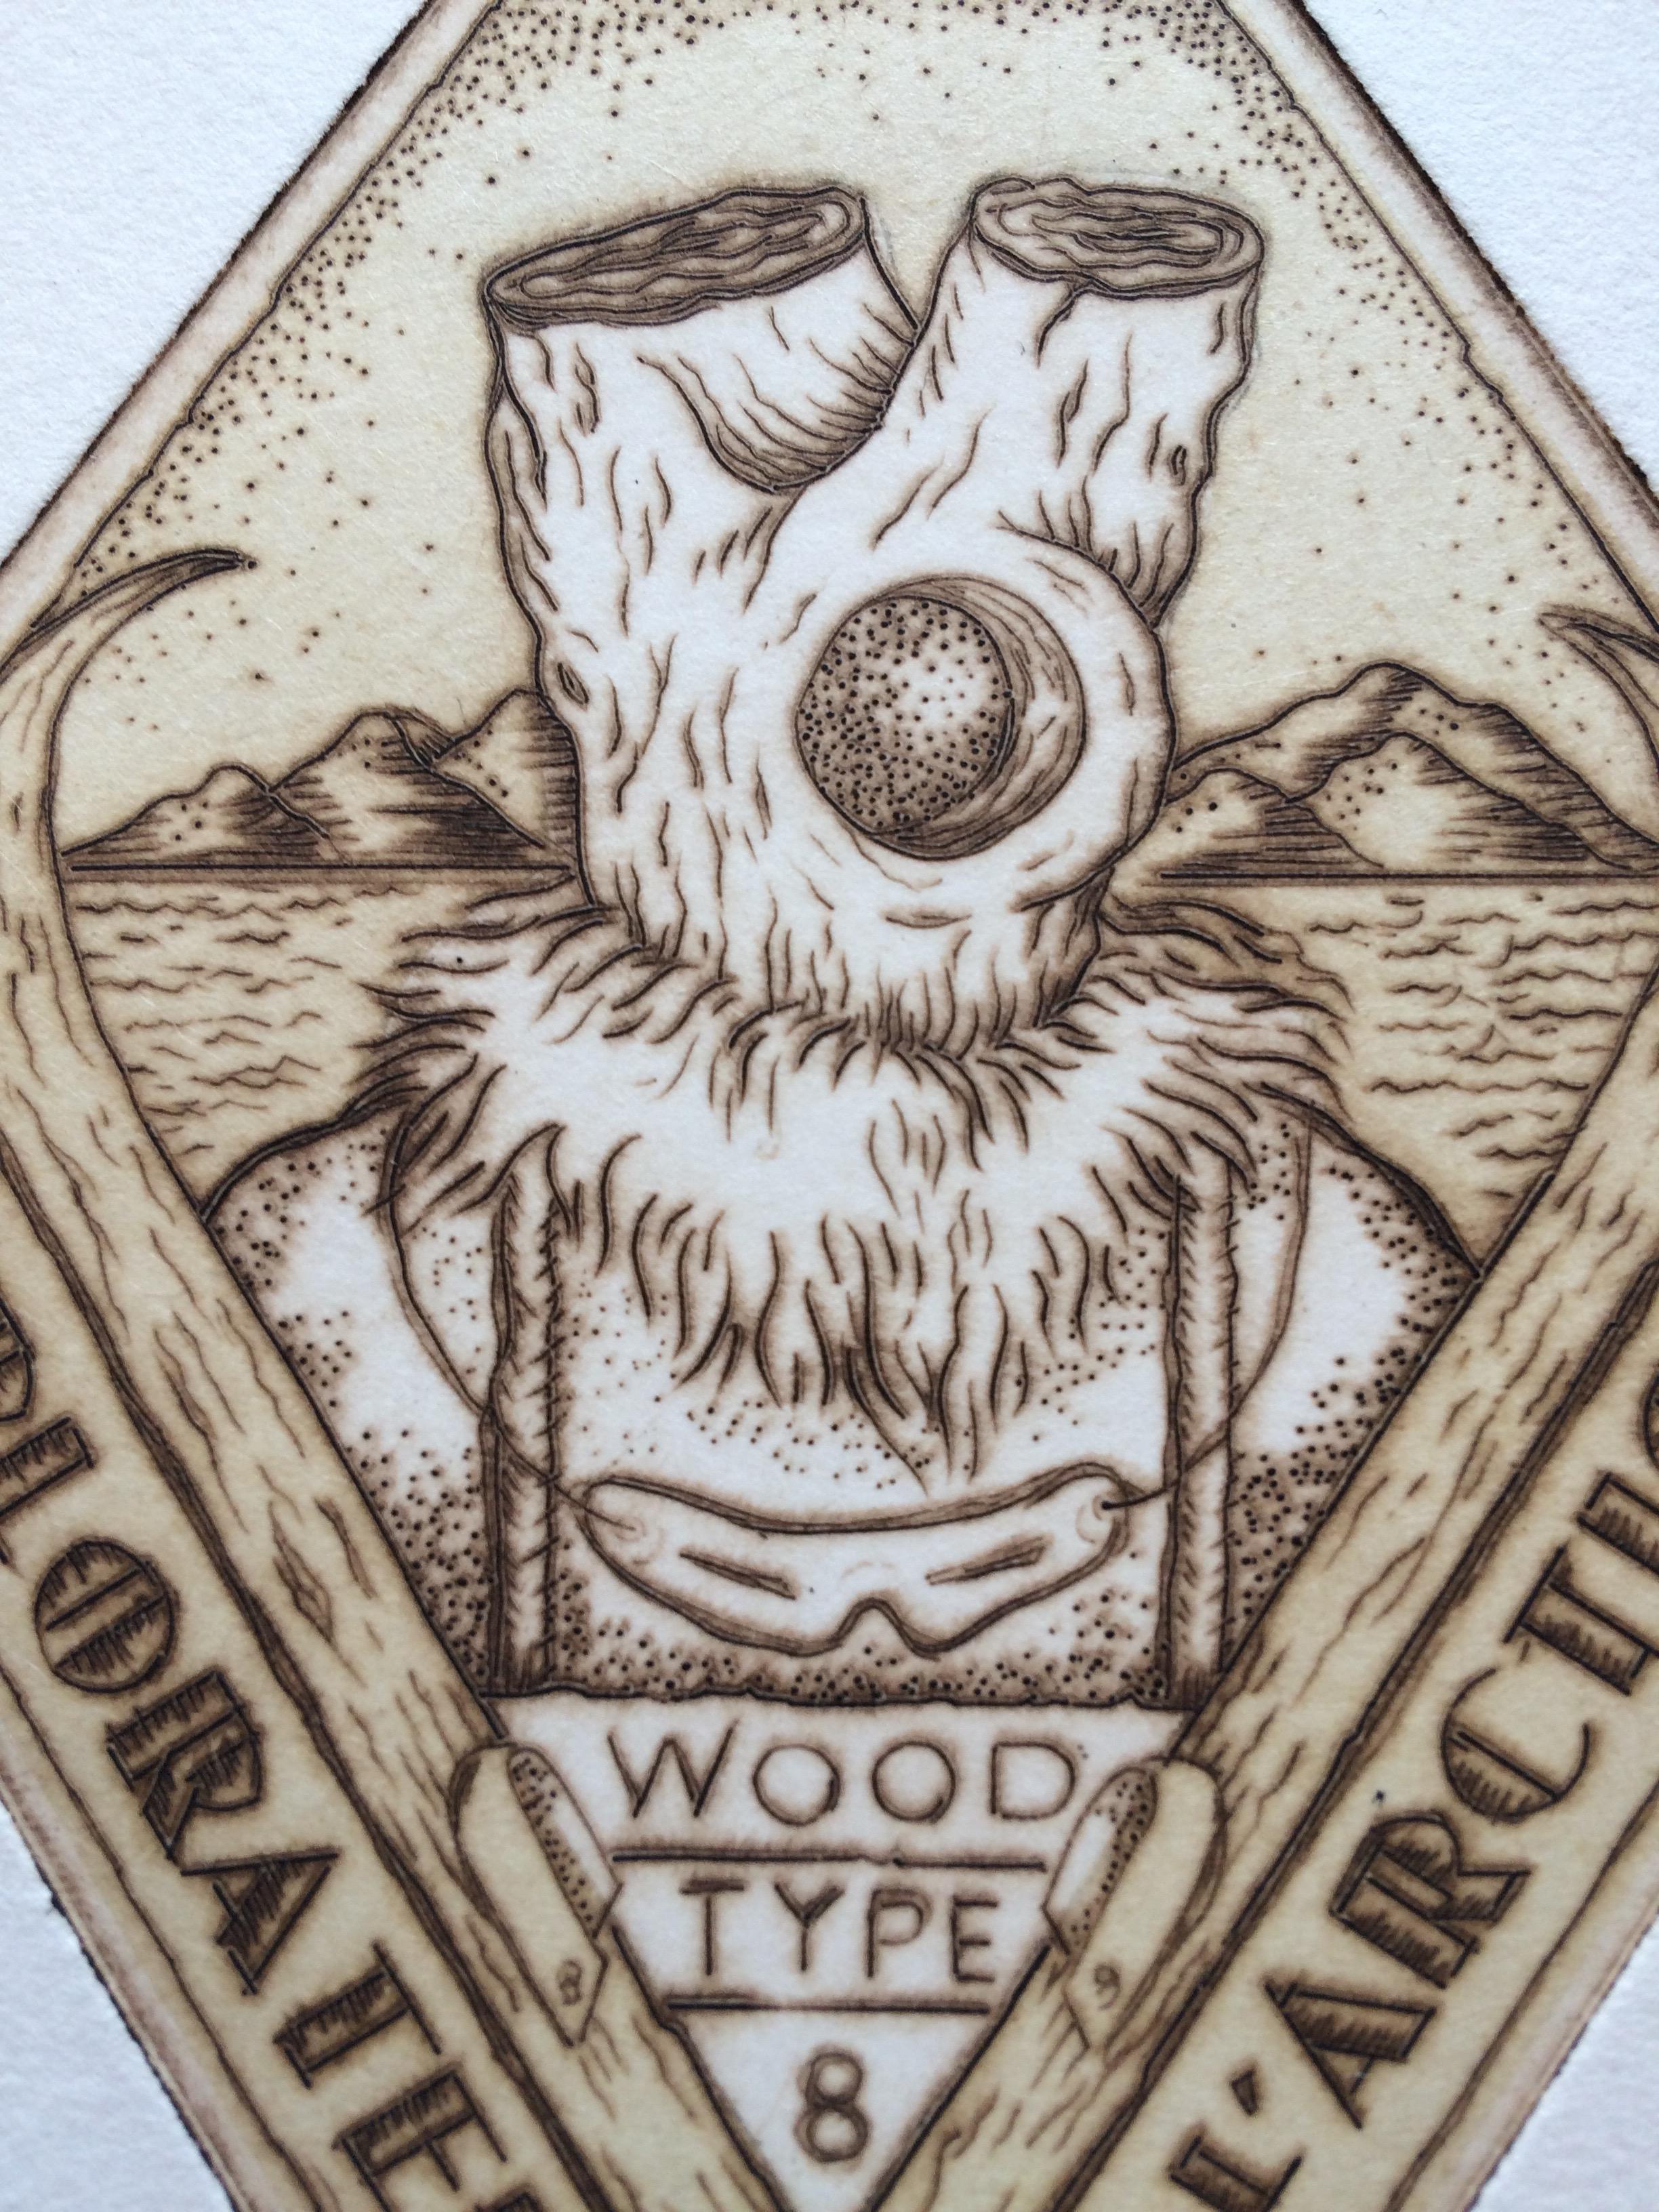 WoodType-N°8